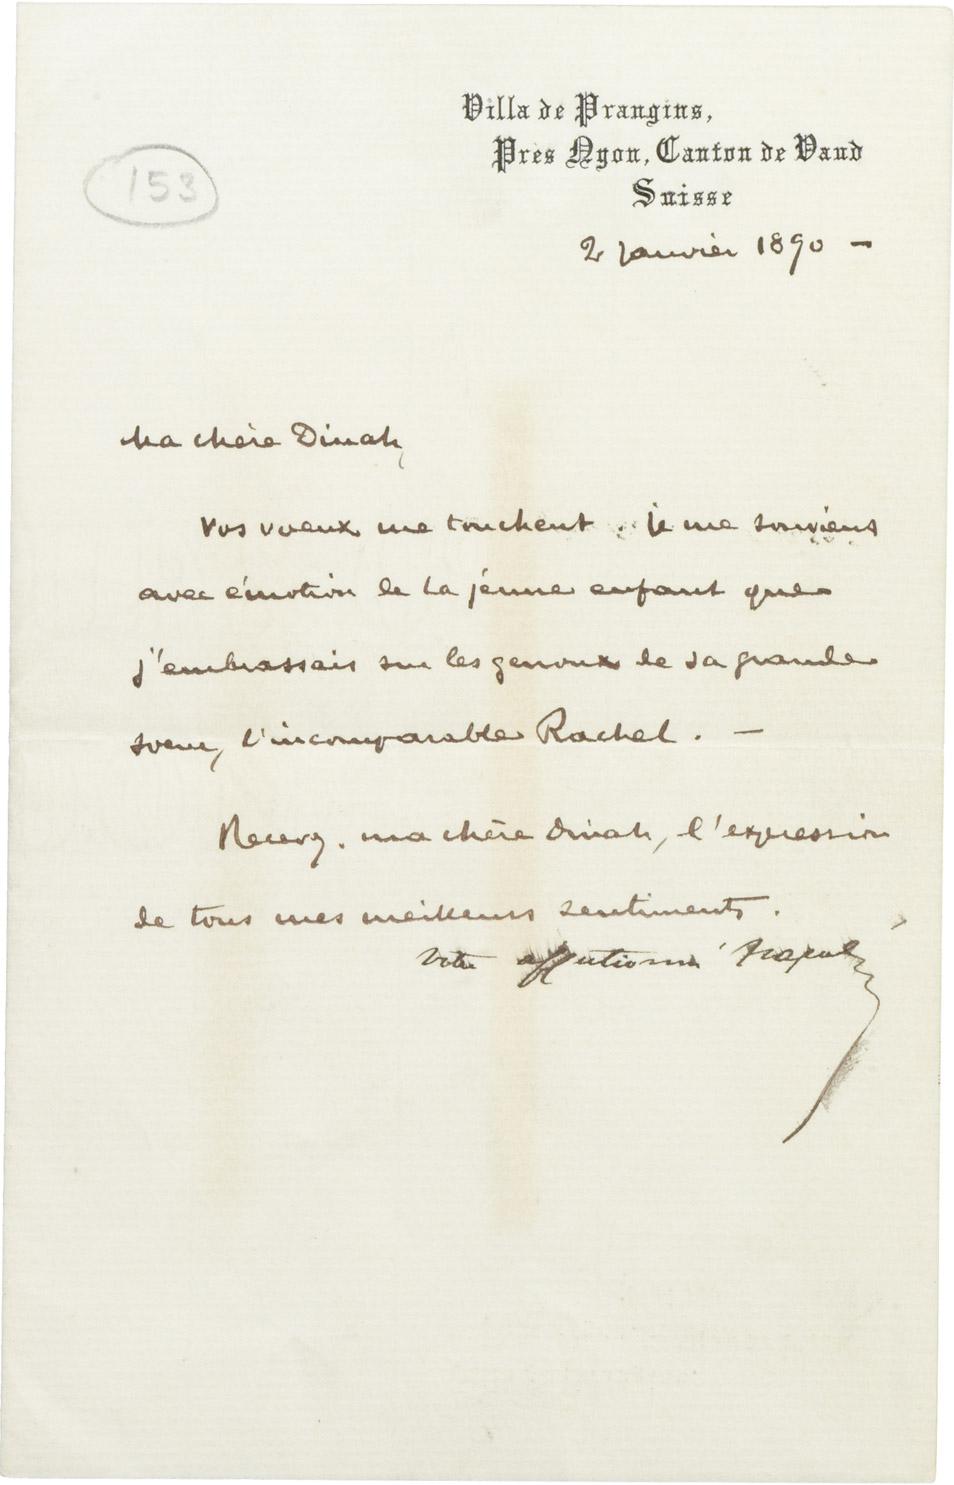 Lettre du Prince Napoléon (Jérôme) à Dinah Félix - Patrimoine Charles-André COLONNA WALEWSKI, en ligne directe de Napoléon